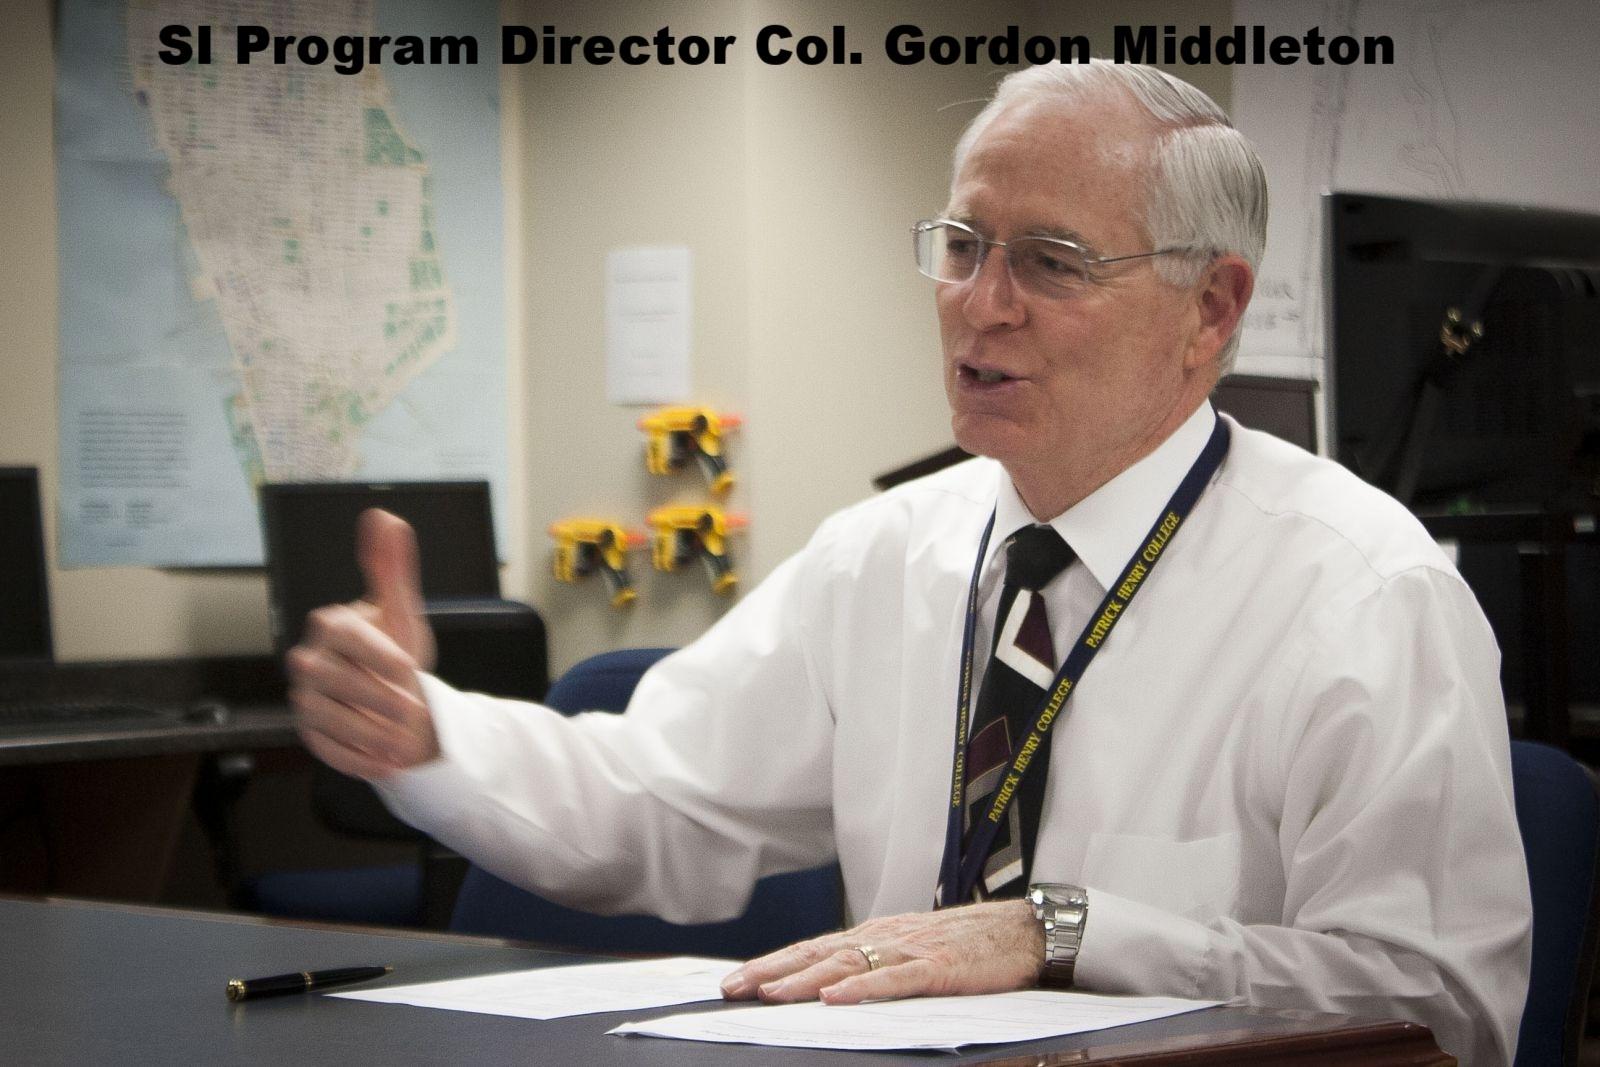 Col. Gordon Middleton